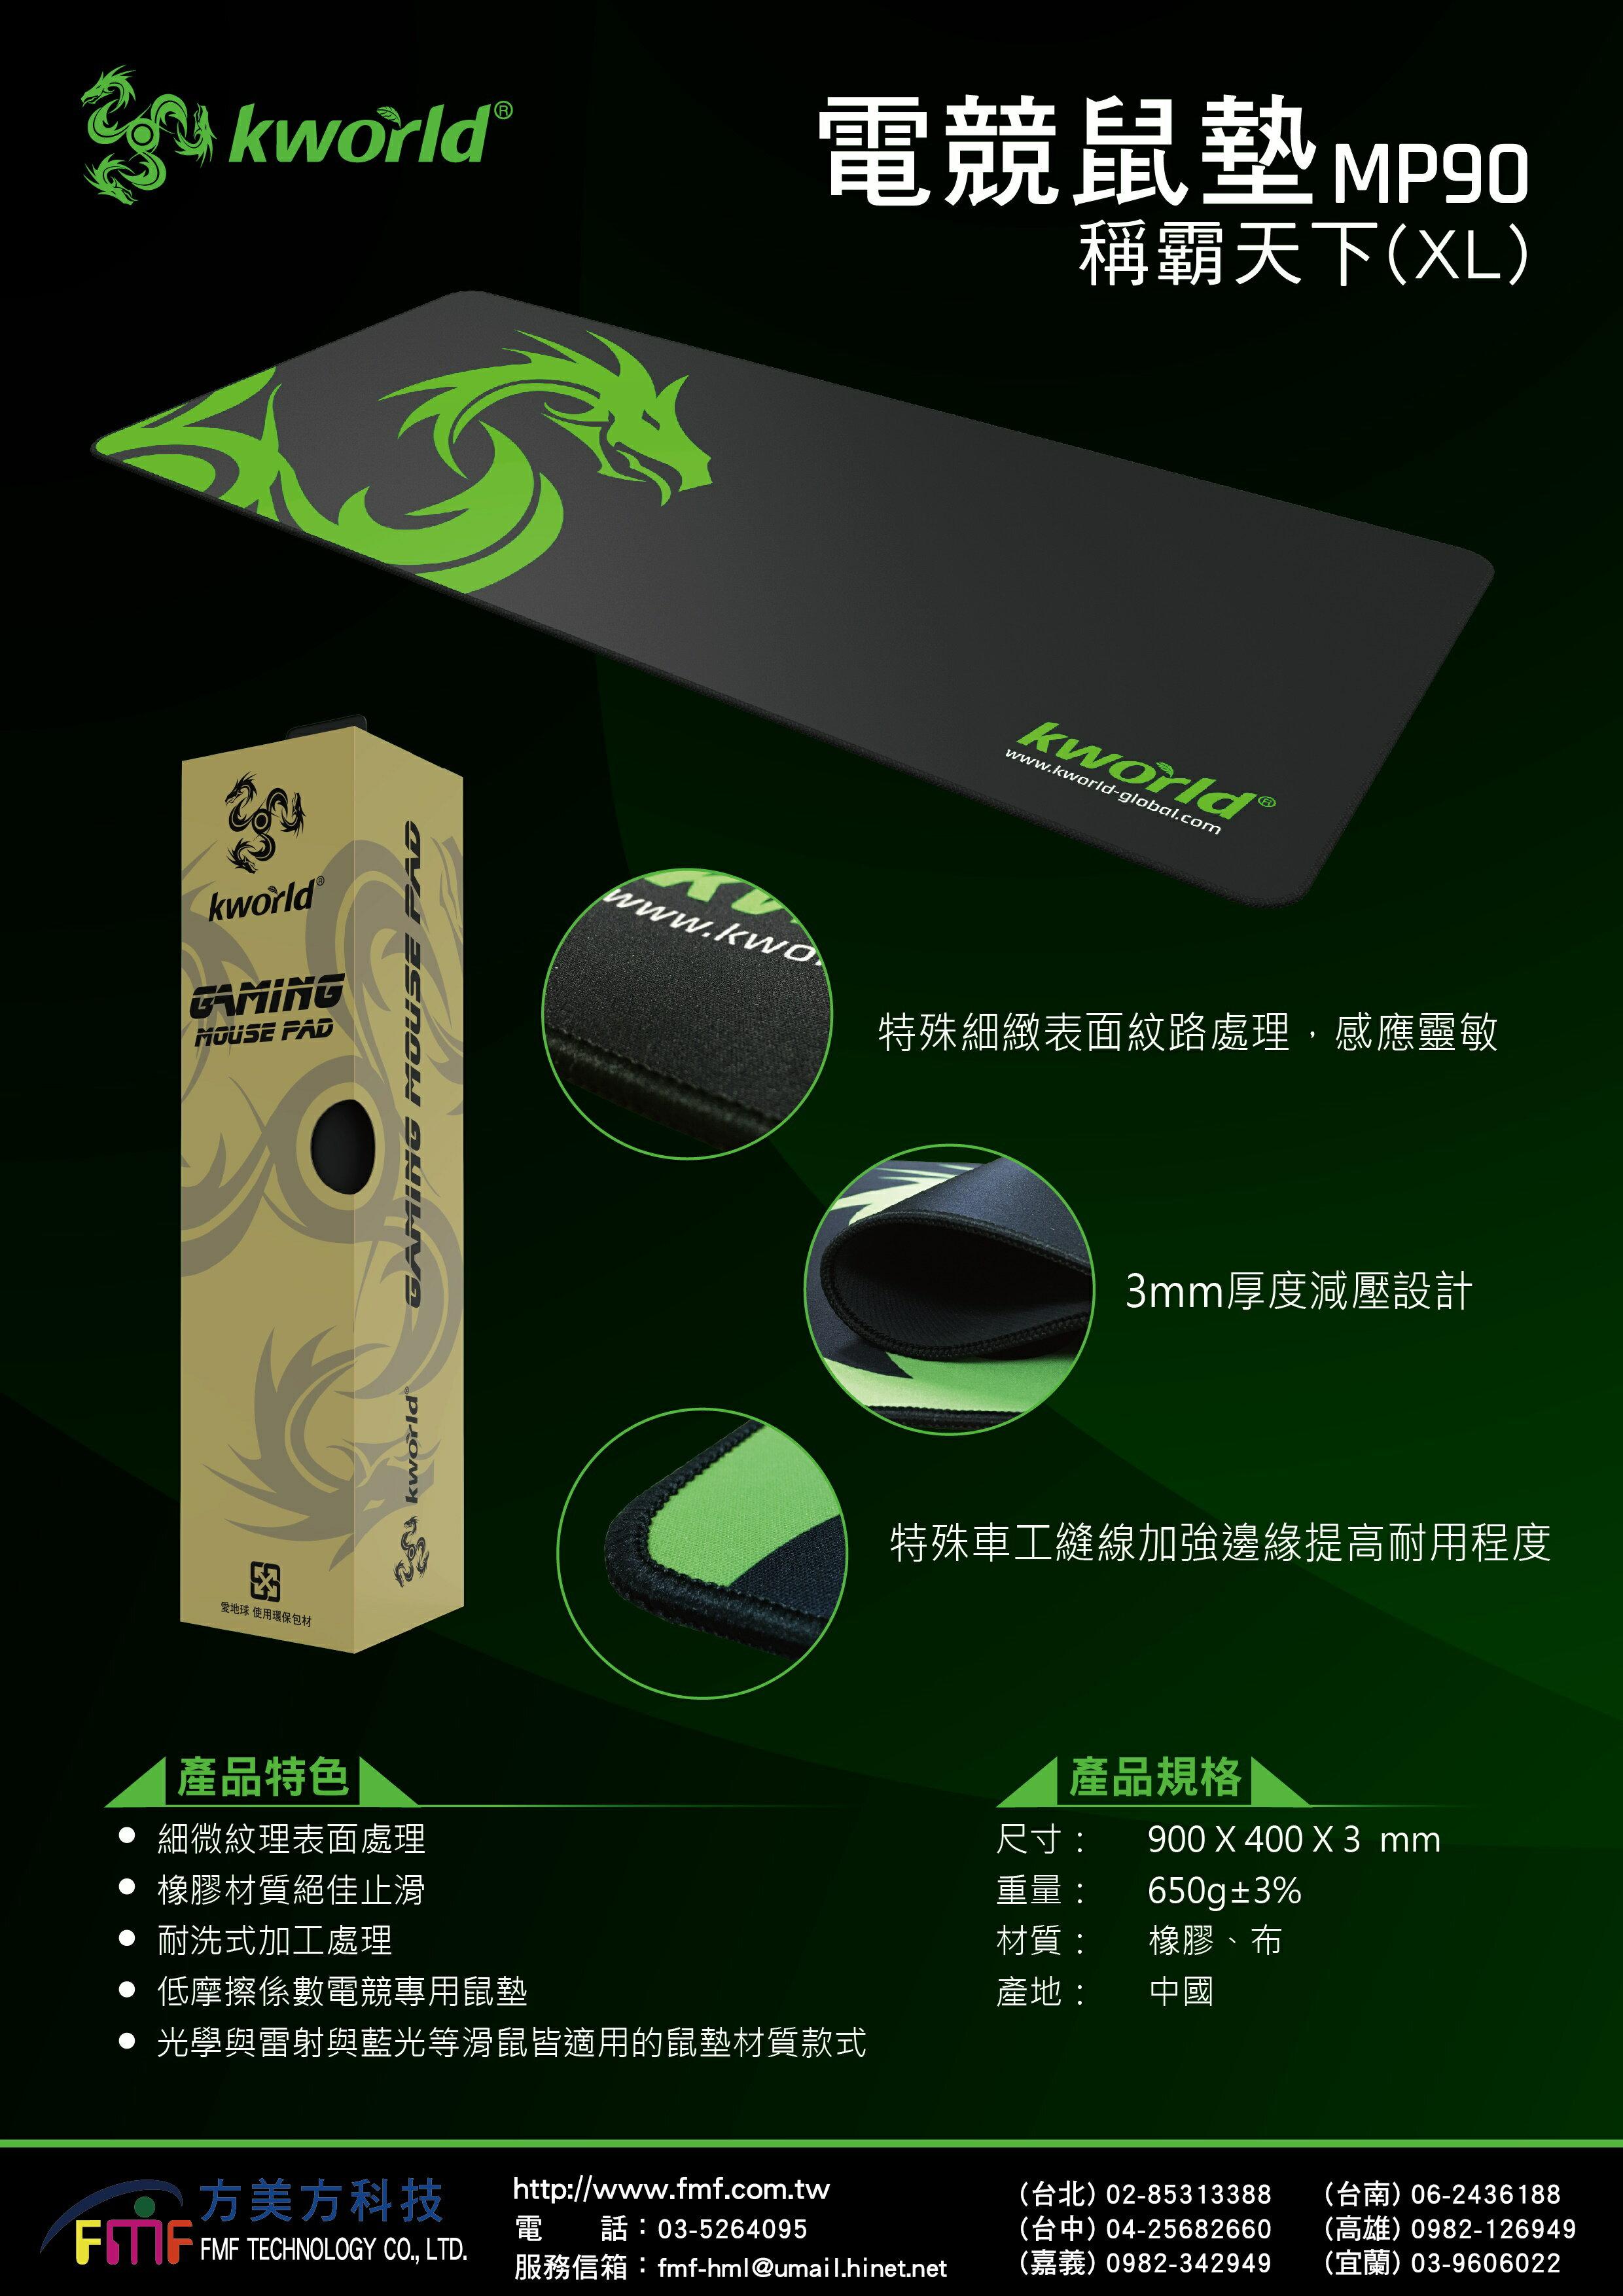 【迪特軍3C】KWORLD MP90 電競鼠墊 稱霸天下(XL) 900 X 400 X 3mm 電競鼠墊 滑鼠墊